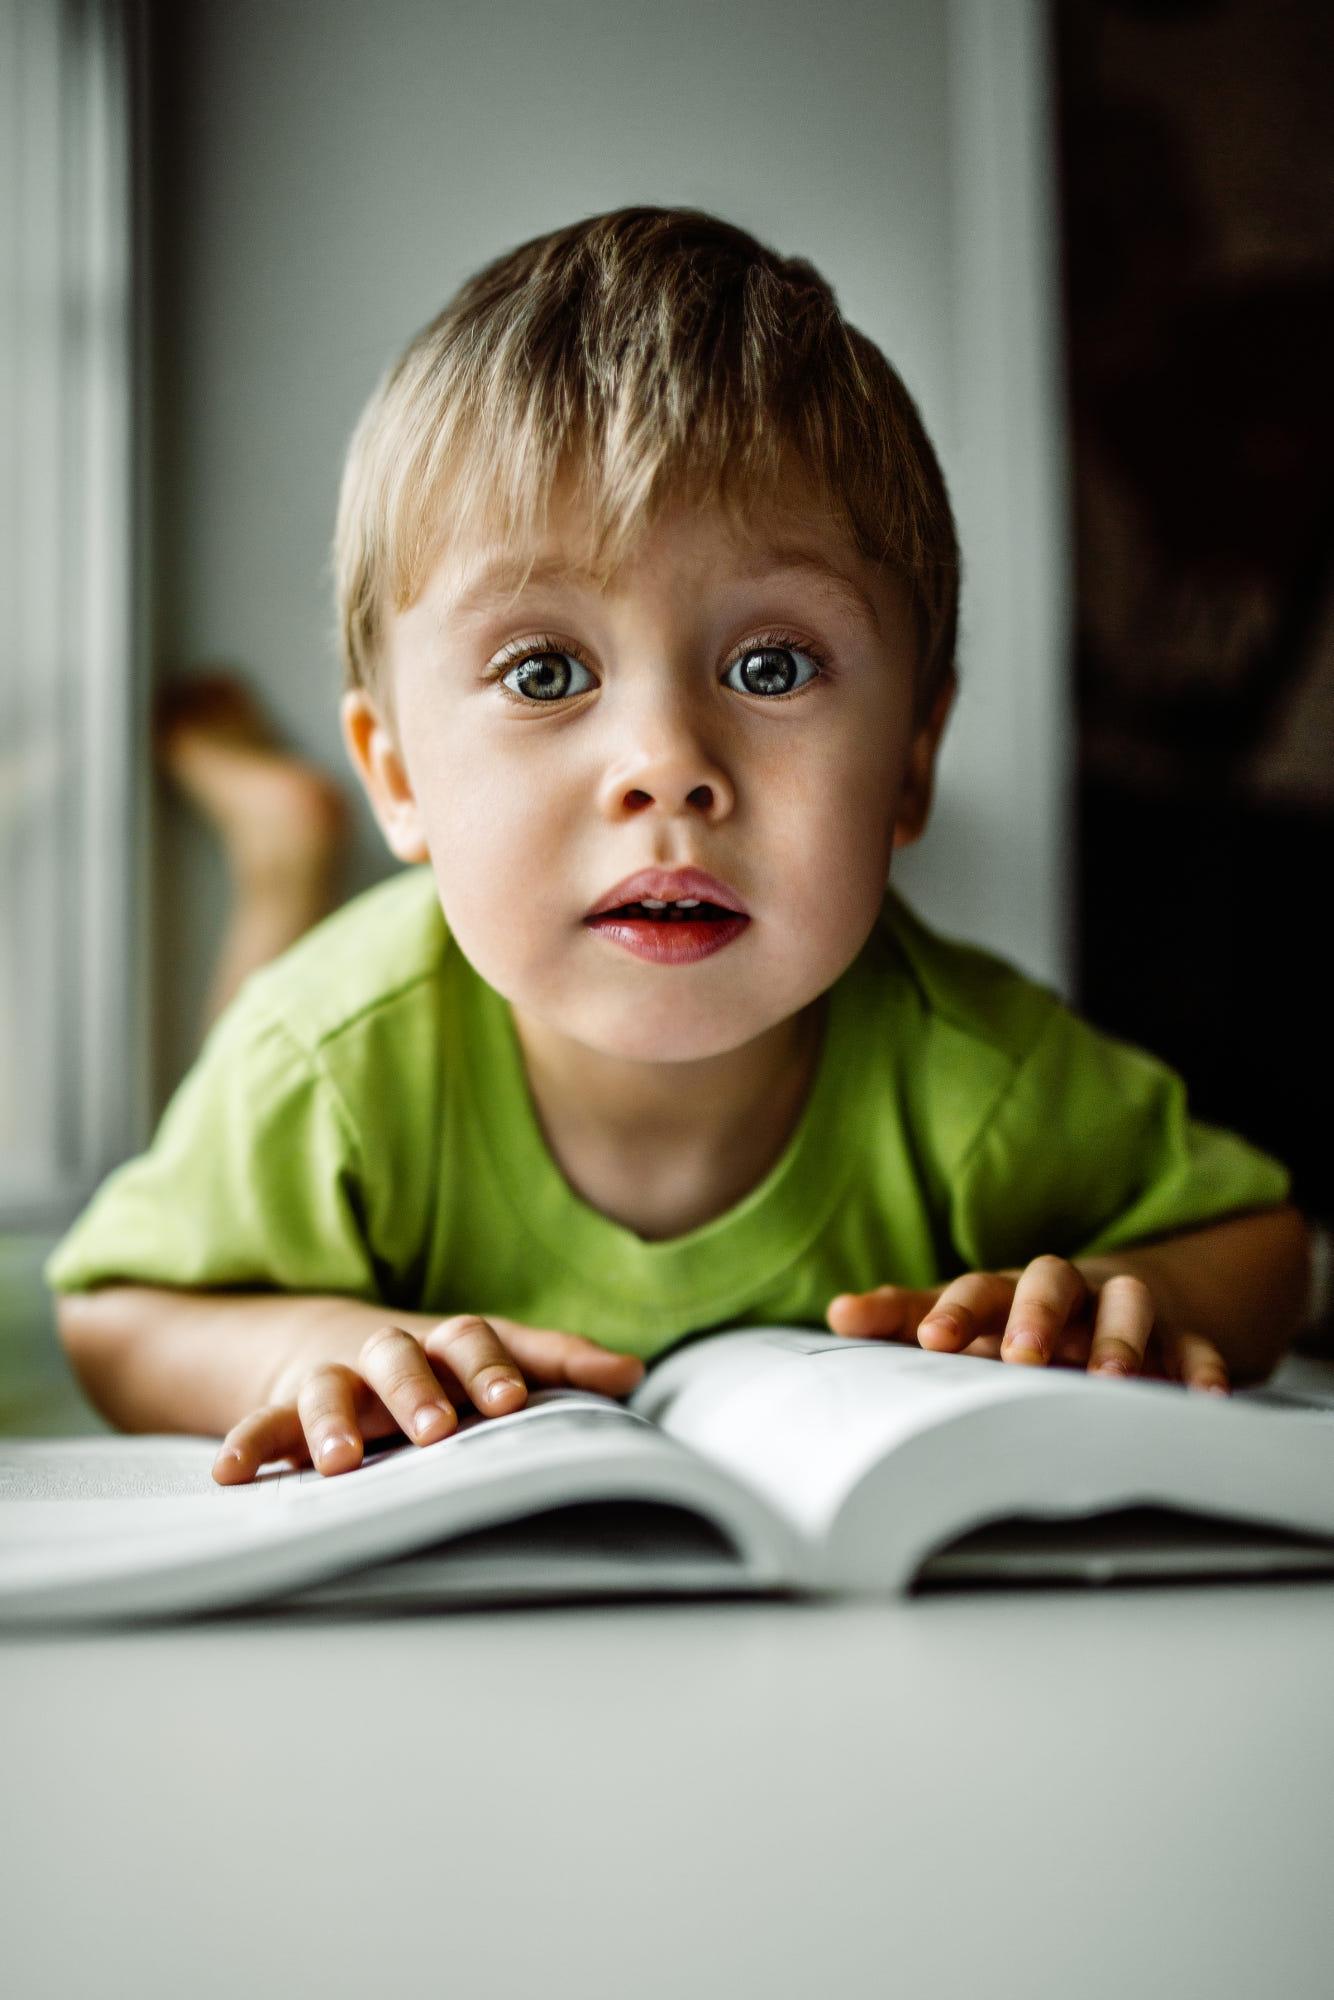 Benimle Oku: Okuma Sevgisini Aşılamak İçin 5 Yol, İLK EVİN - Özel Eğitim ve Rehabilitasyon Merkezi